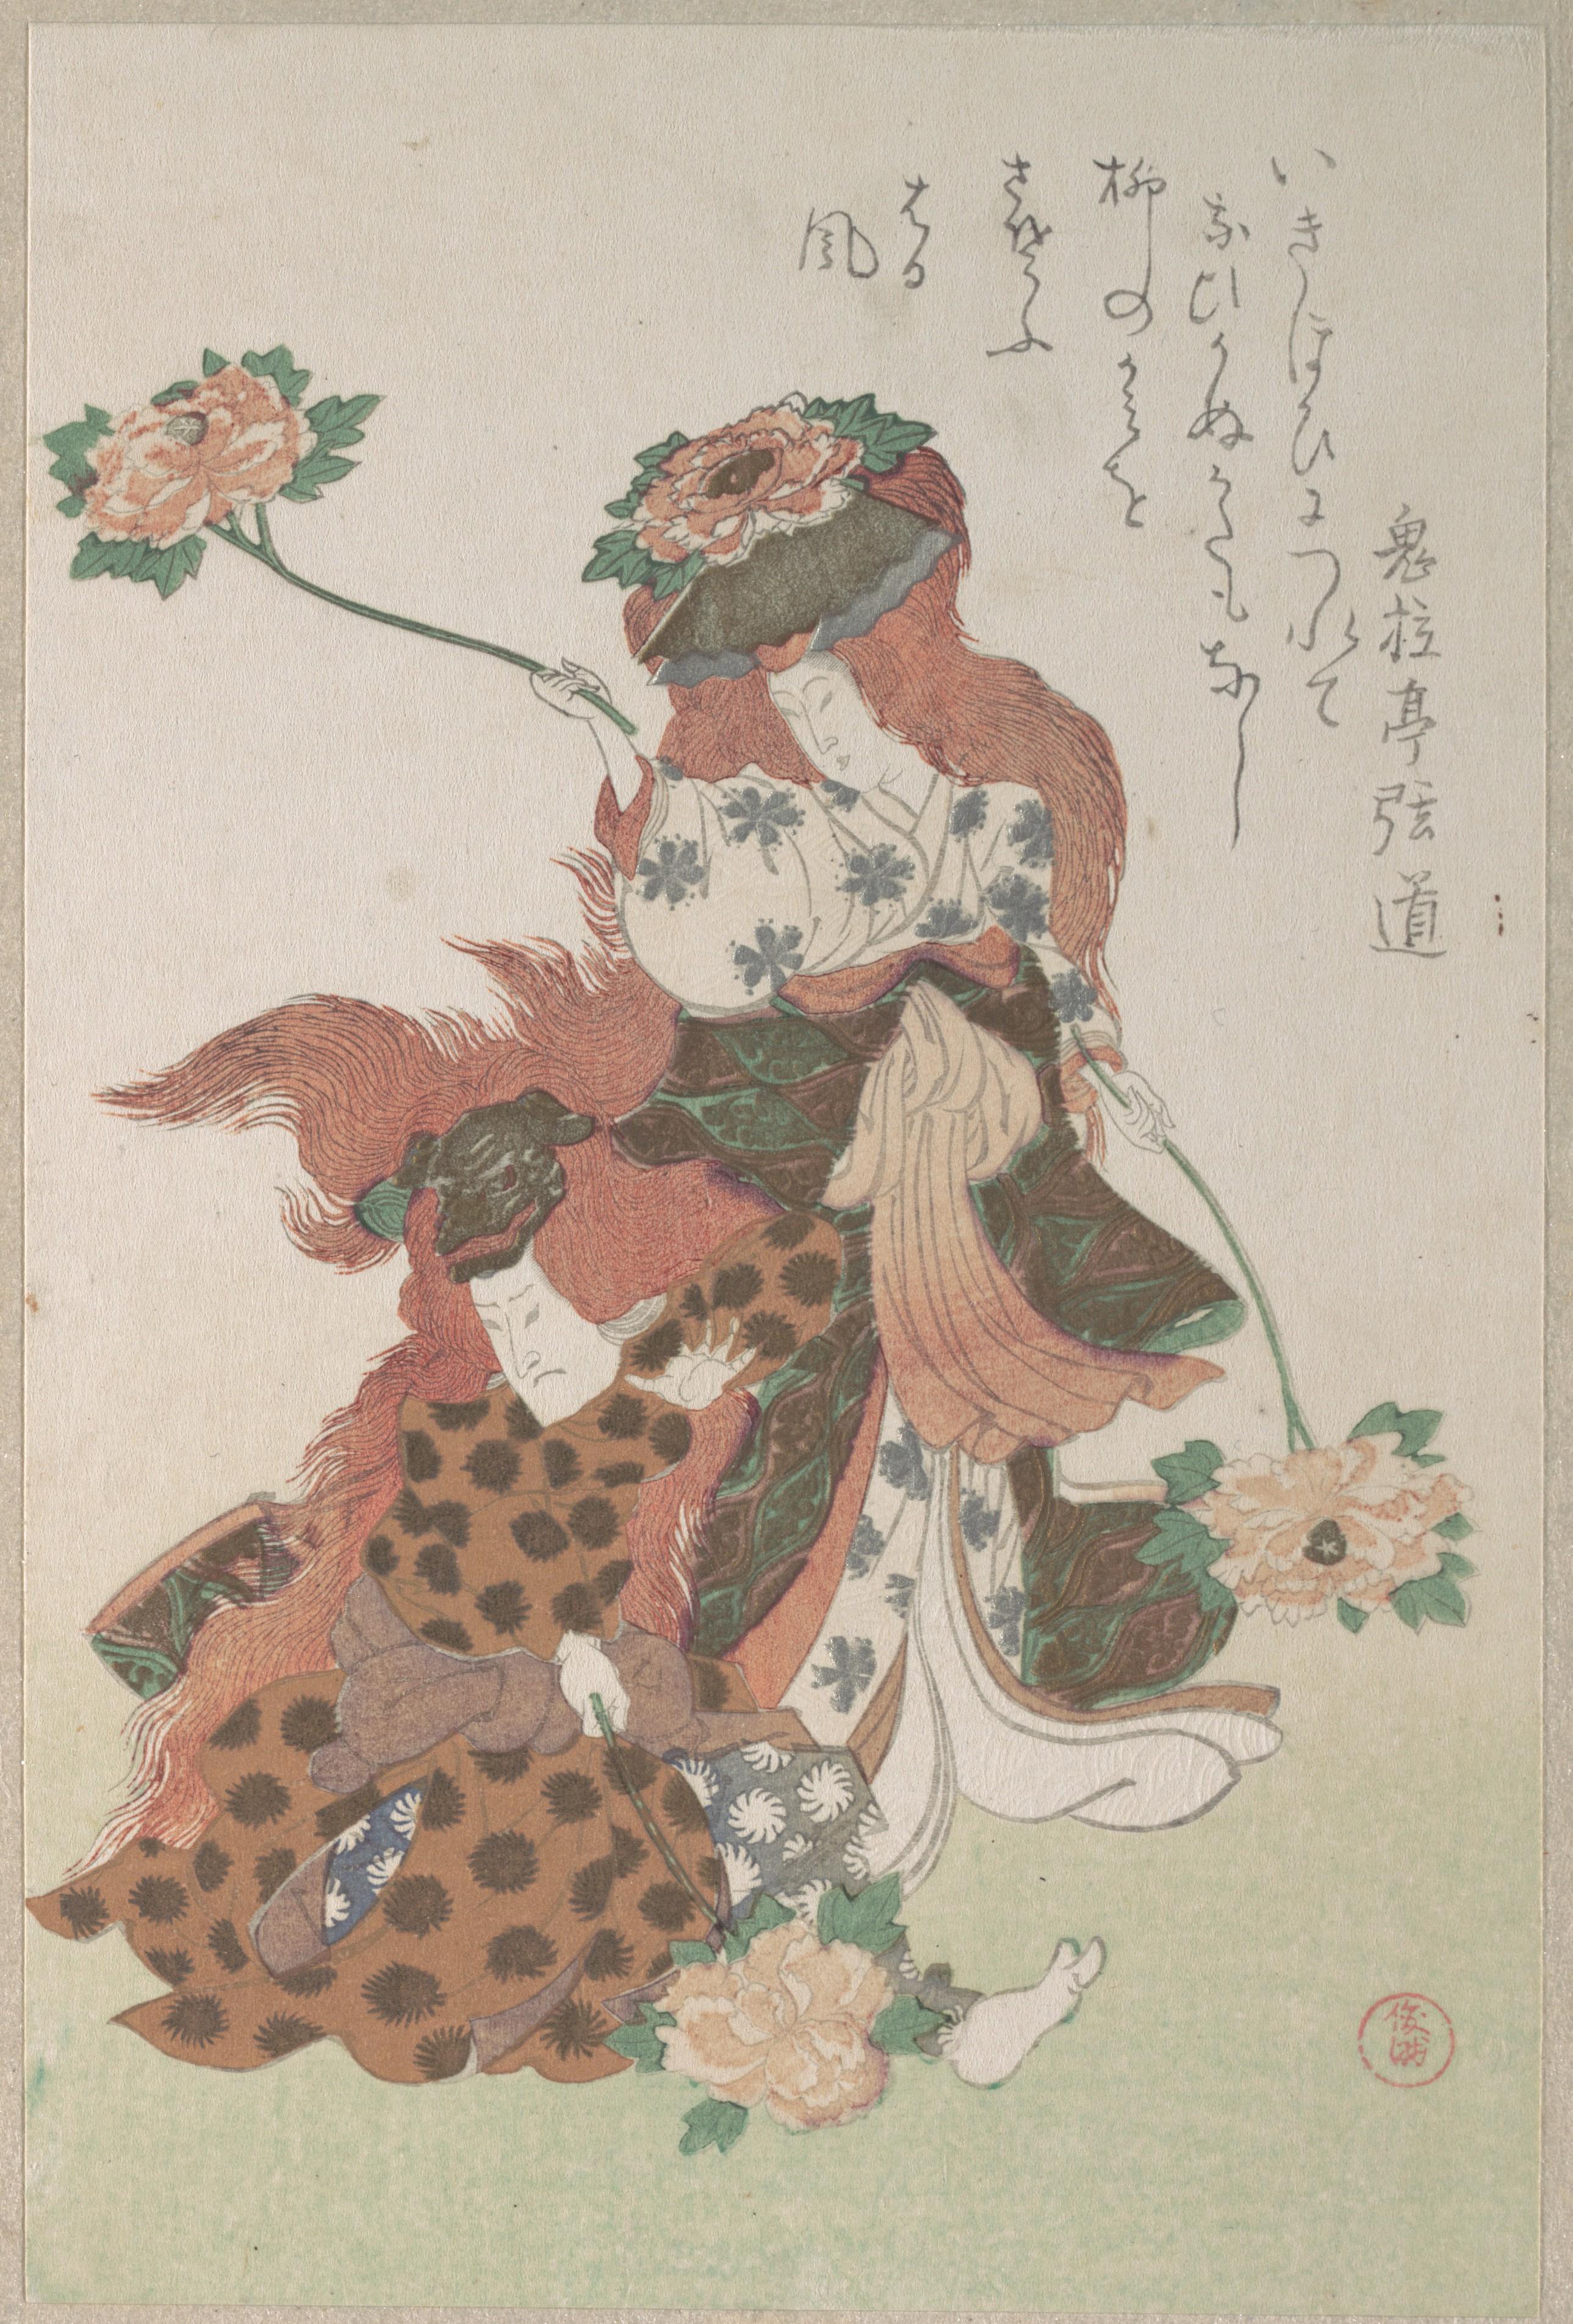 Из альбома Весенний дождь_том 3_1805-1810_Два актера Кабуки, исполняющие танец Shakkyōmono_211х140 мм